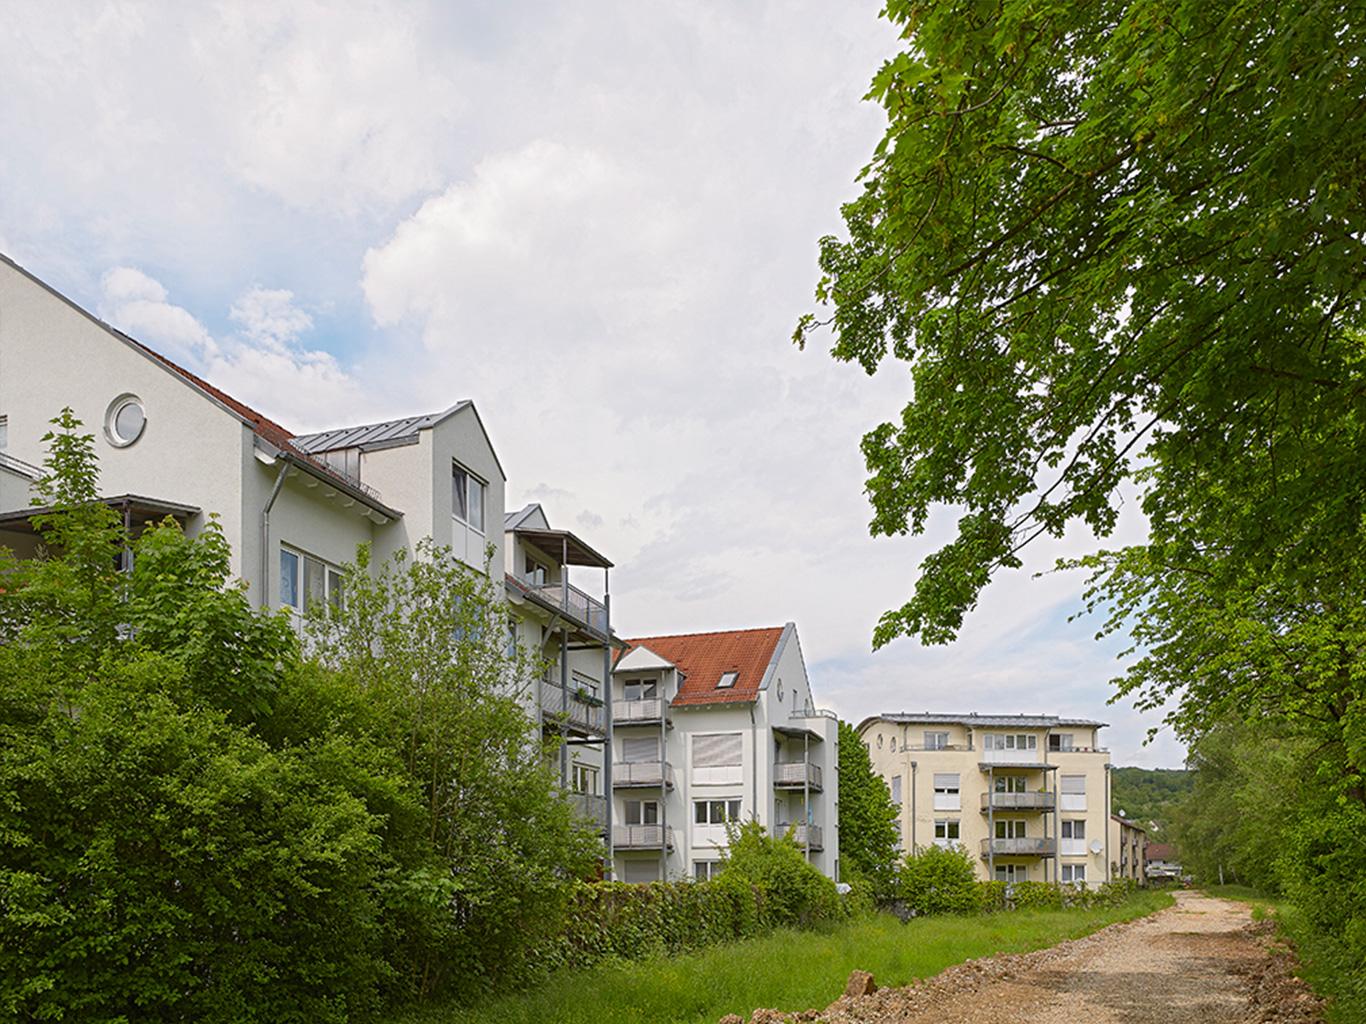 BCG_Auáenansicht_Neckarweg